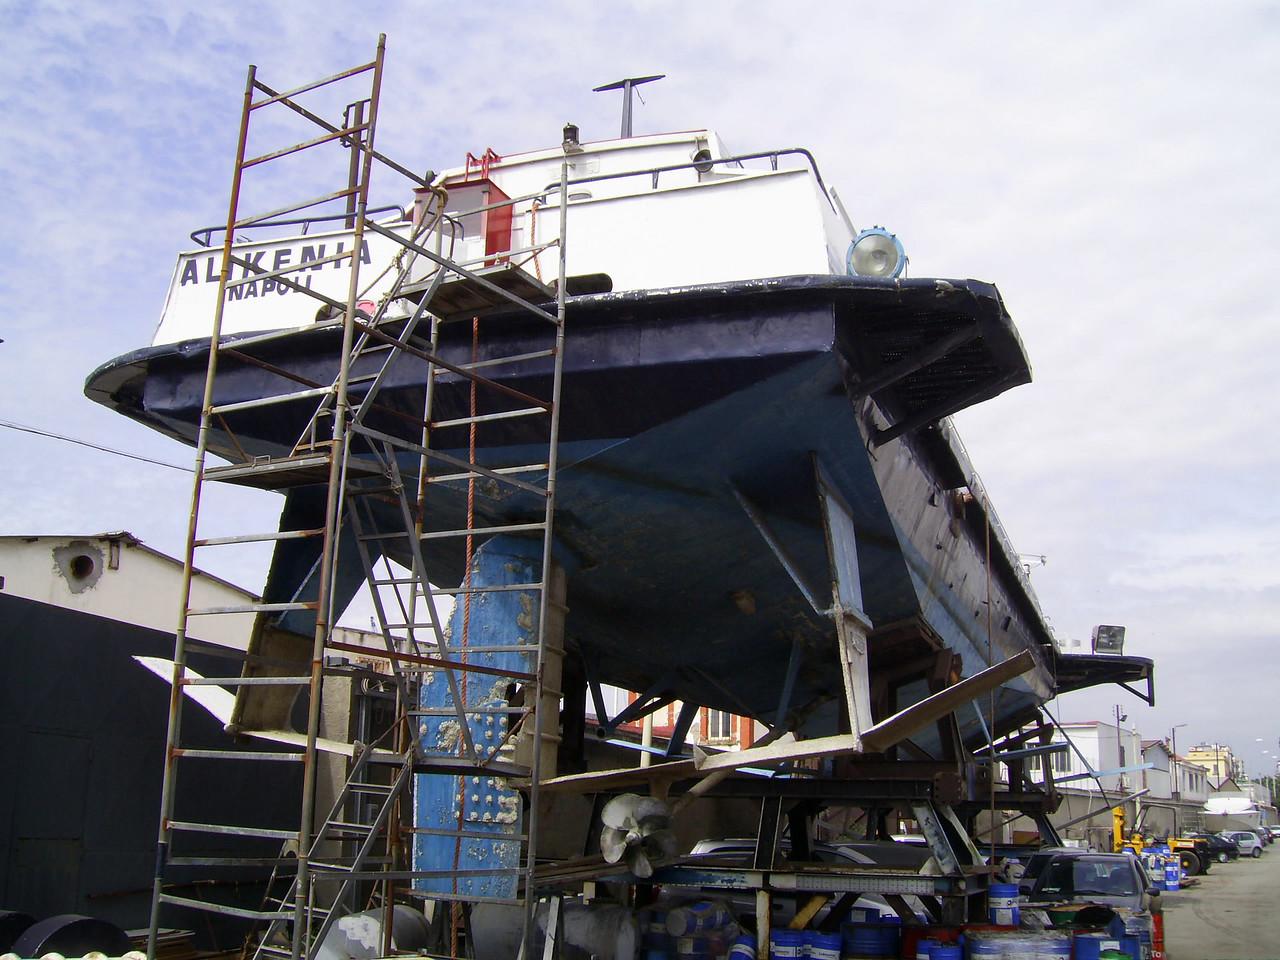 Kolkhida type hydrofoil ALIKENIA laid up and hauled in Napoli.